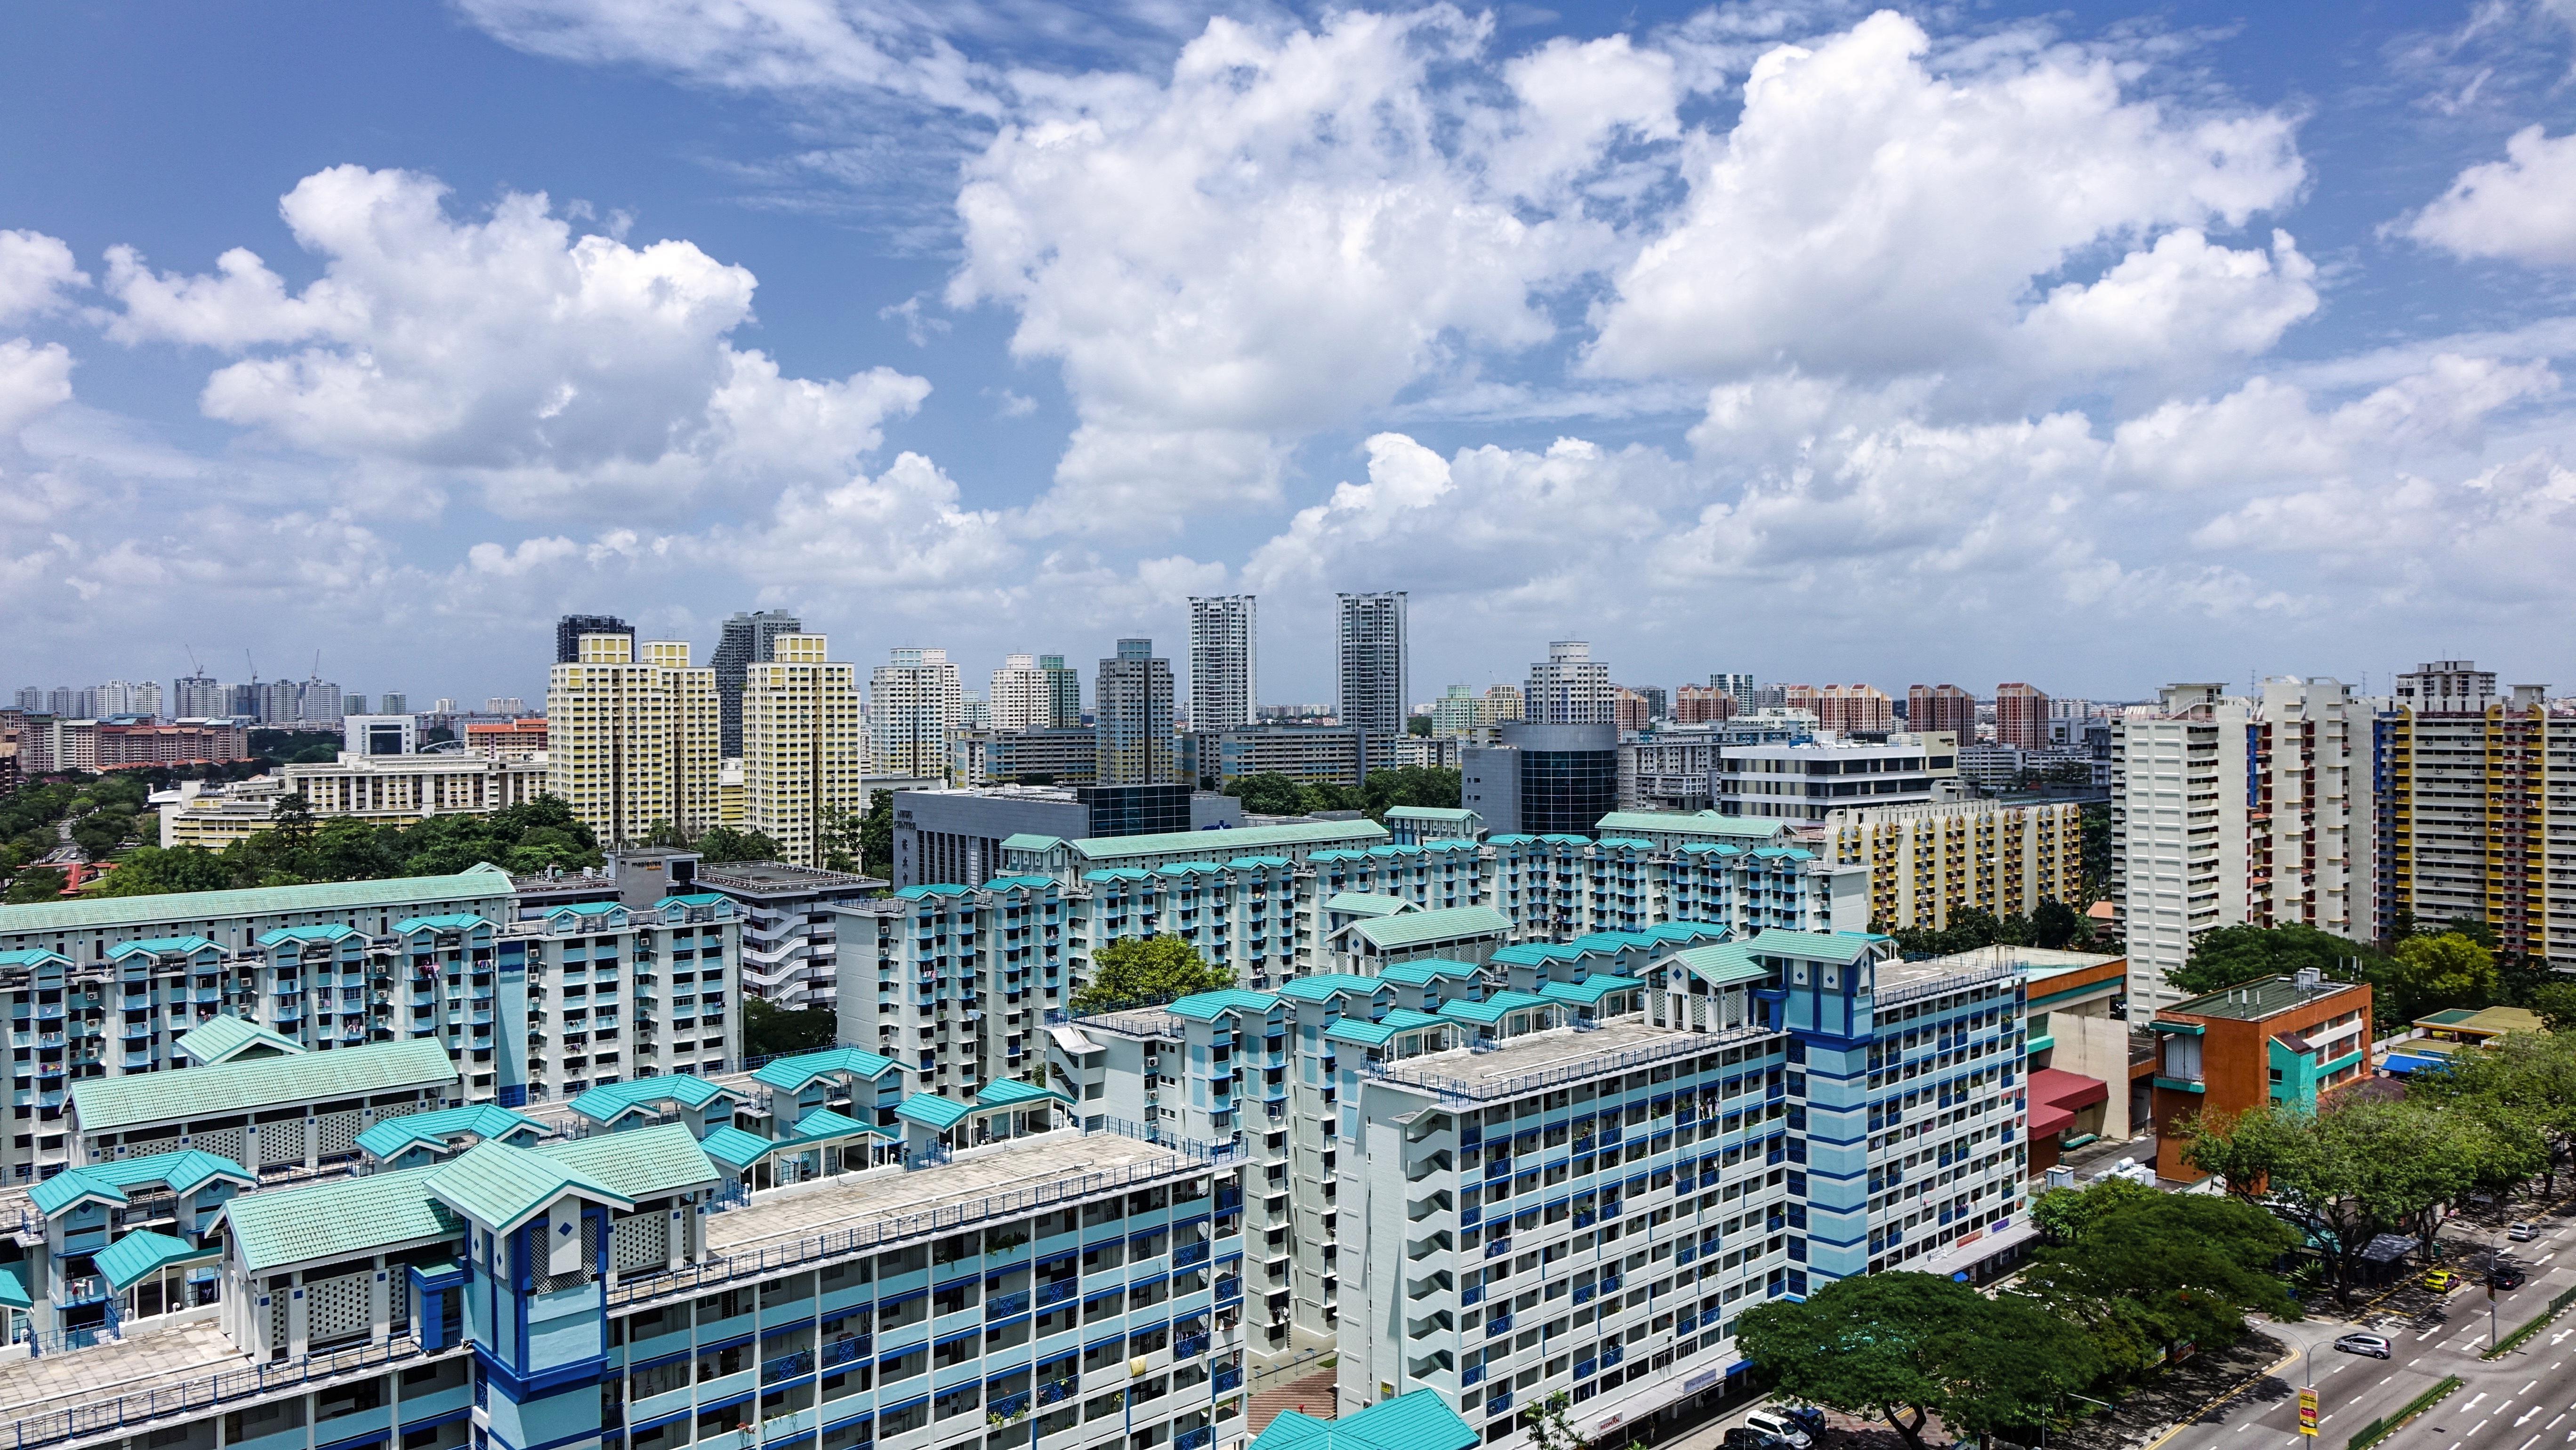 fotos gratis cielo horizonte rascacielos paisaje urbano centro de la ciudad azul bloque de pisos alojamiento edificios singapur metrpoli